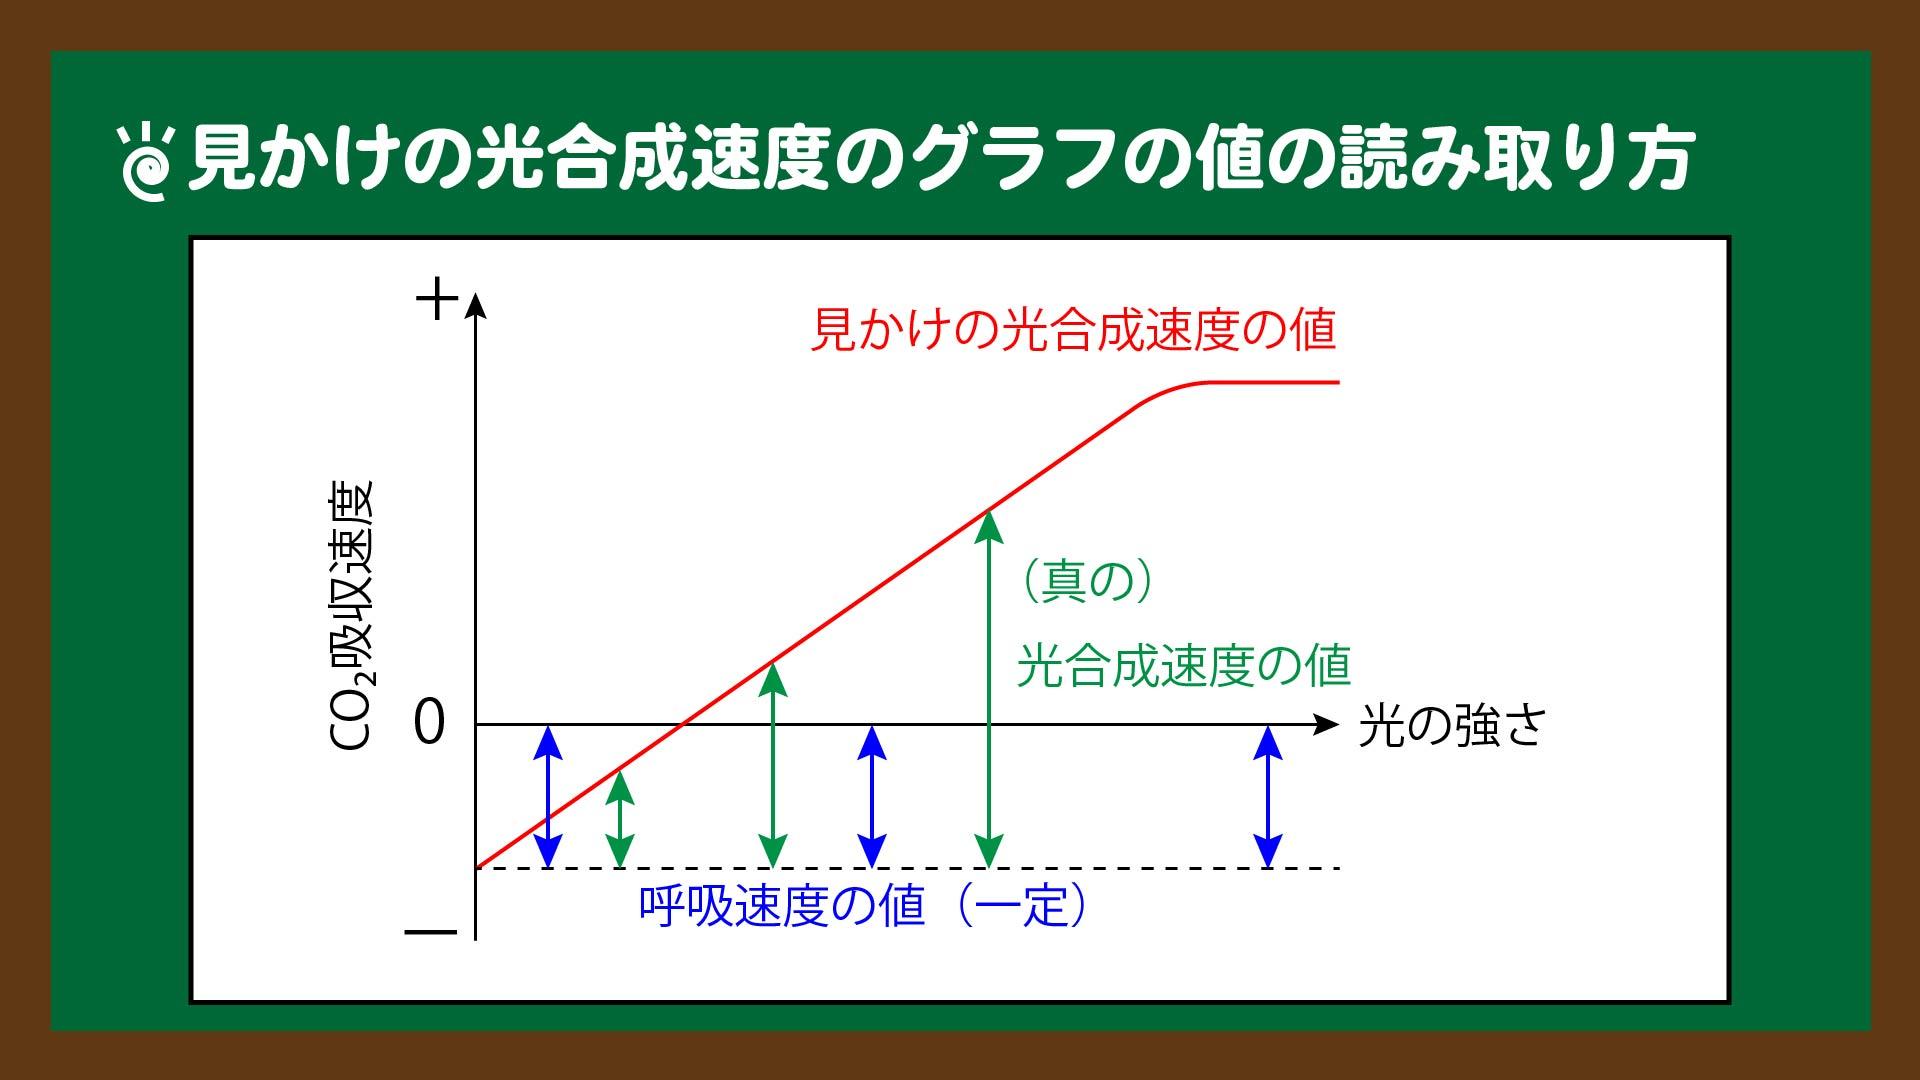 図.見かけの光合成速度のグラフの値の読み取り方